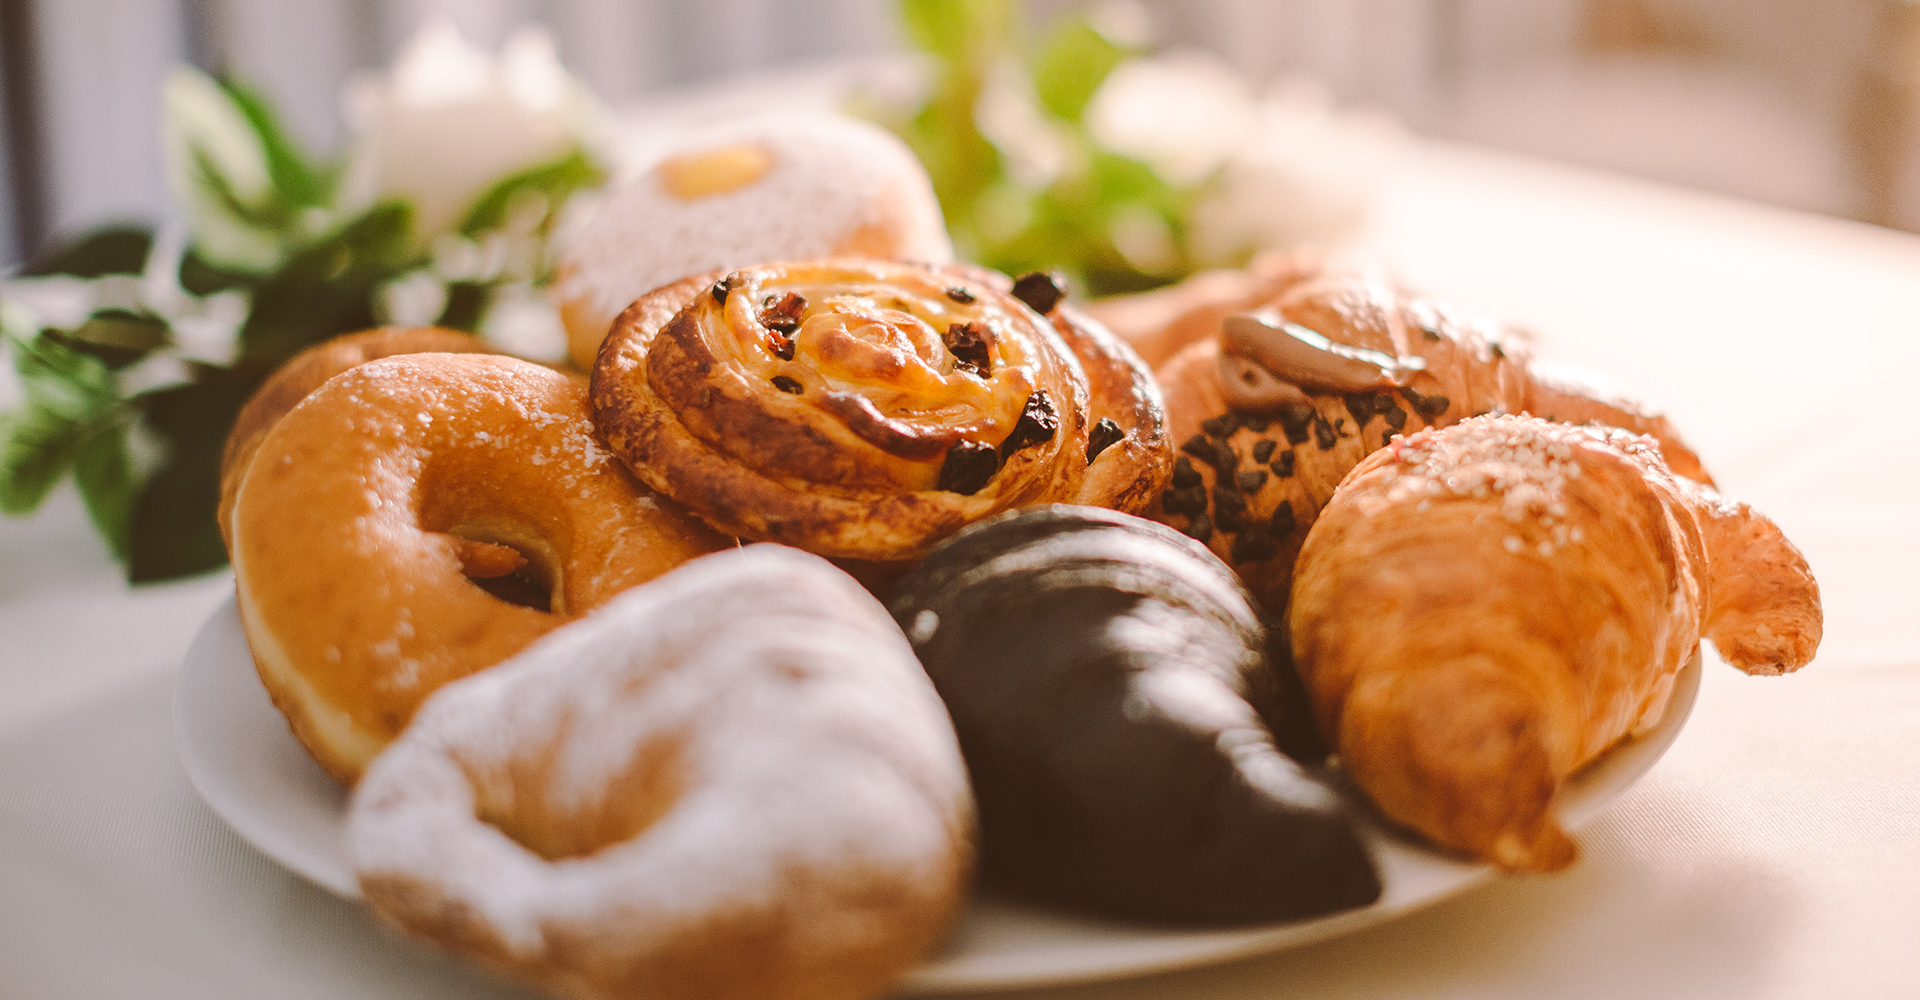 consegna croissant Varese e Castronno